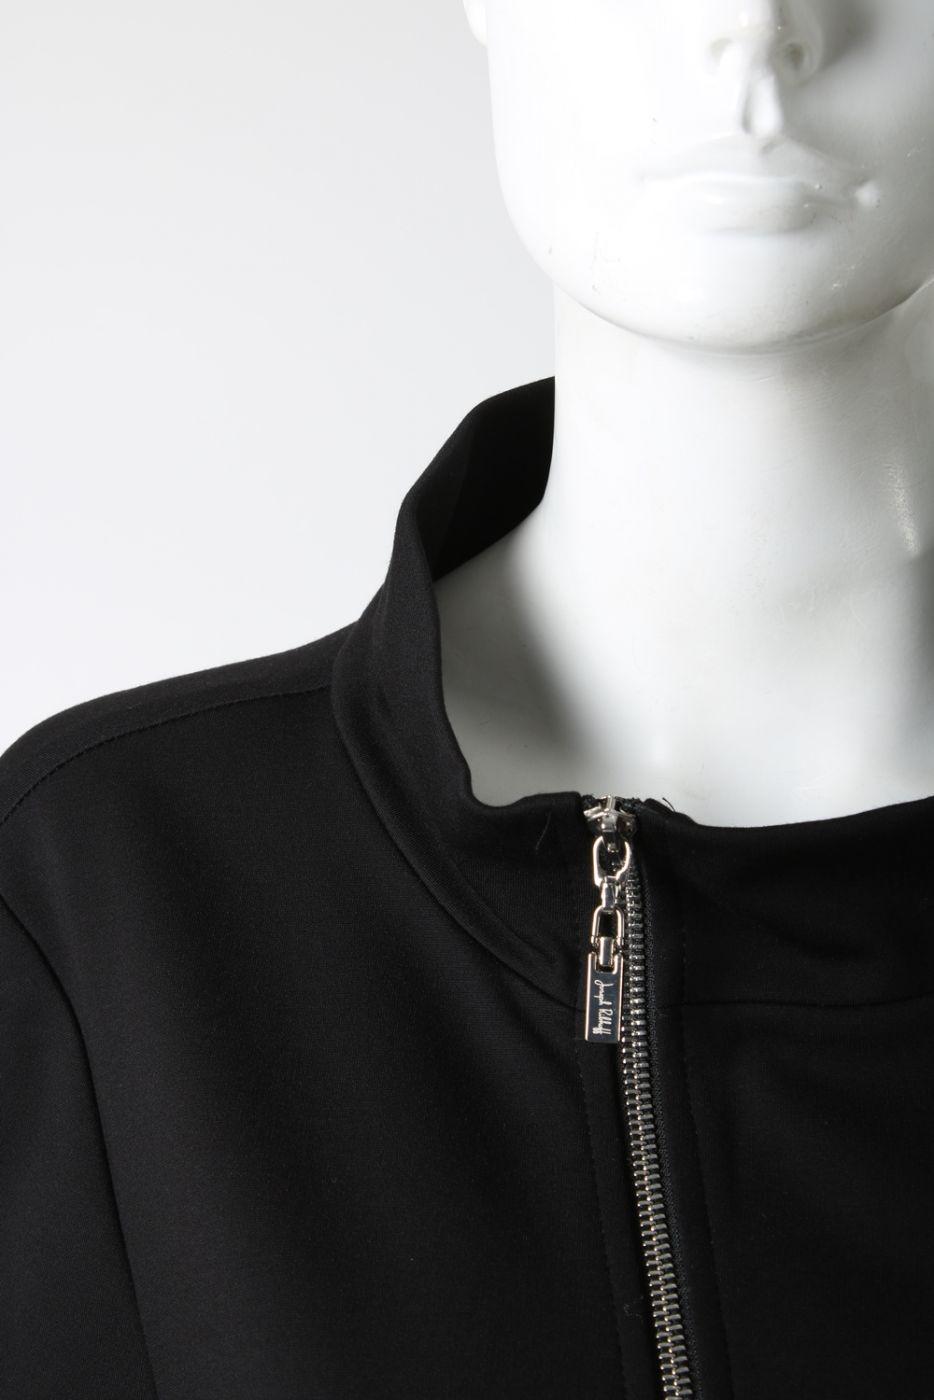 fefacd3f Piękny czarny płaszcz Ribkoff,rękaw 3/4. Tył dłuższy. | sklep ...